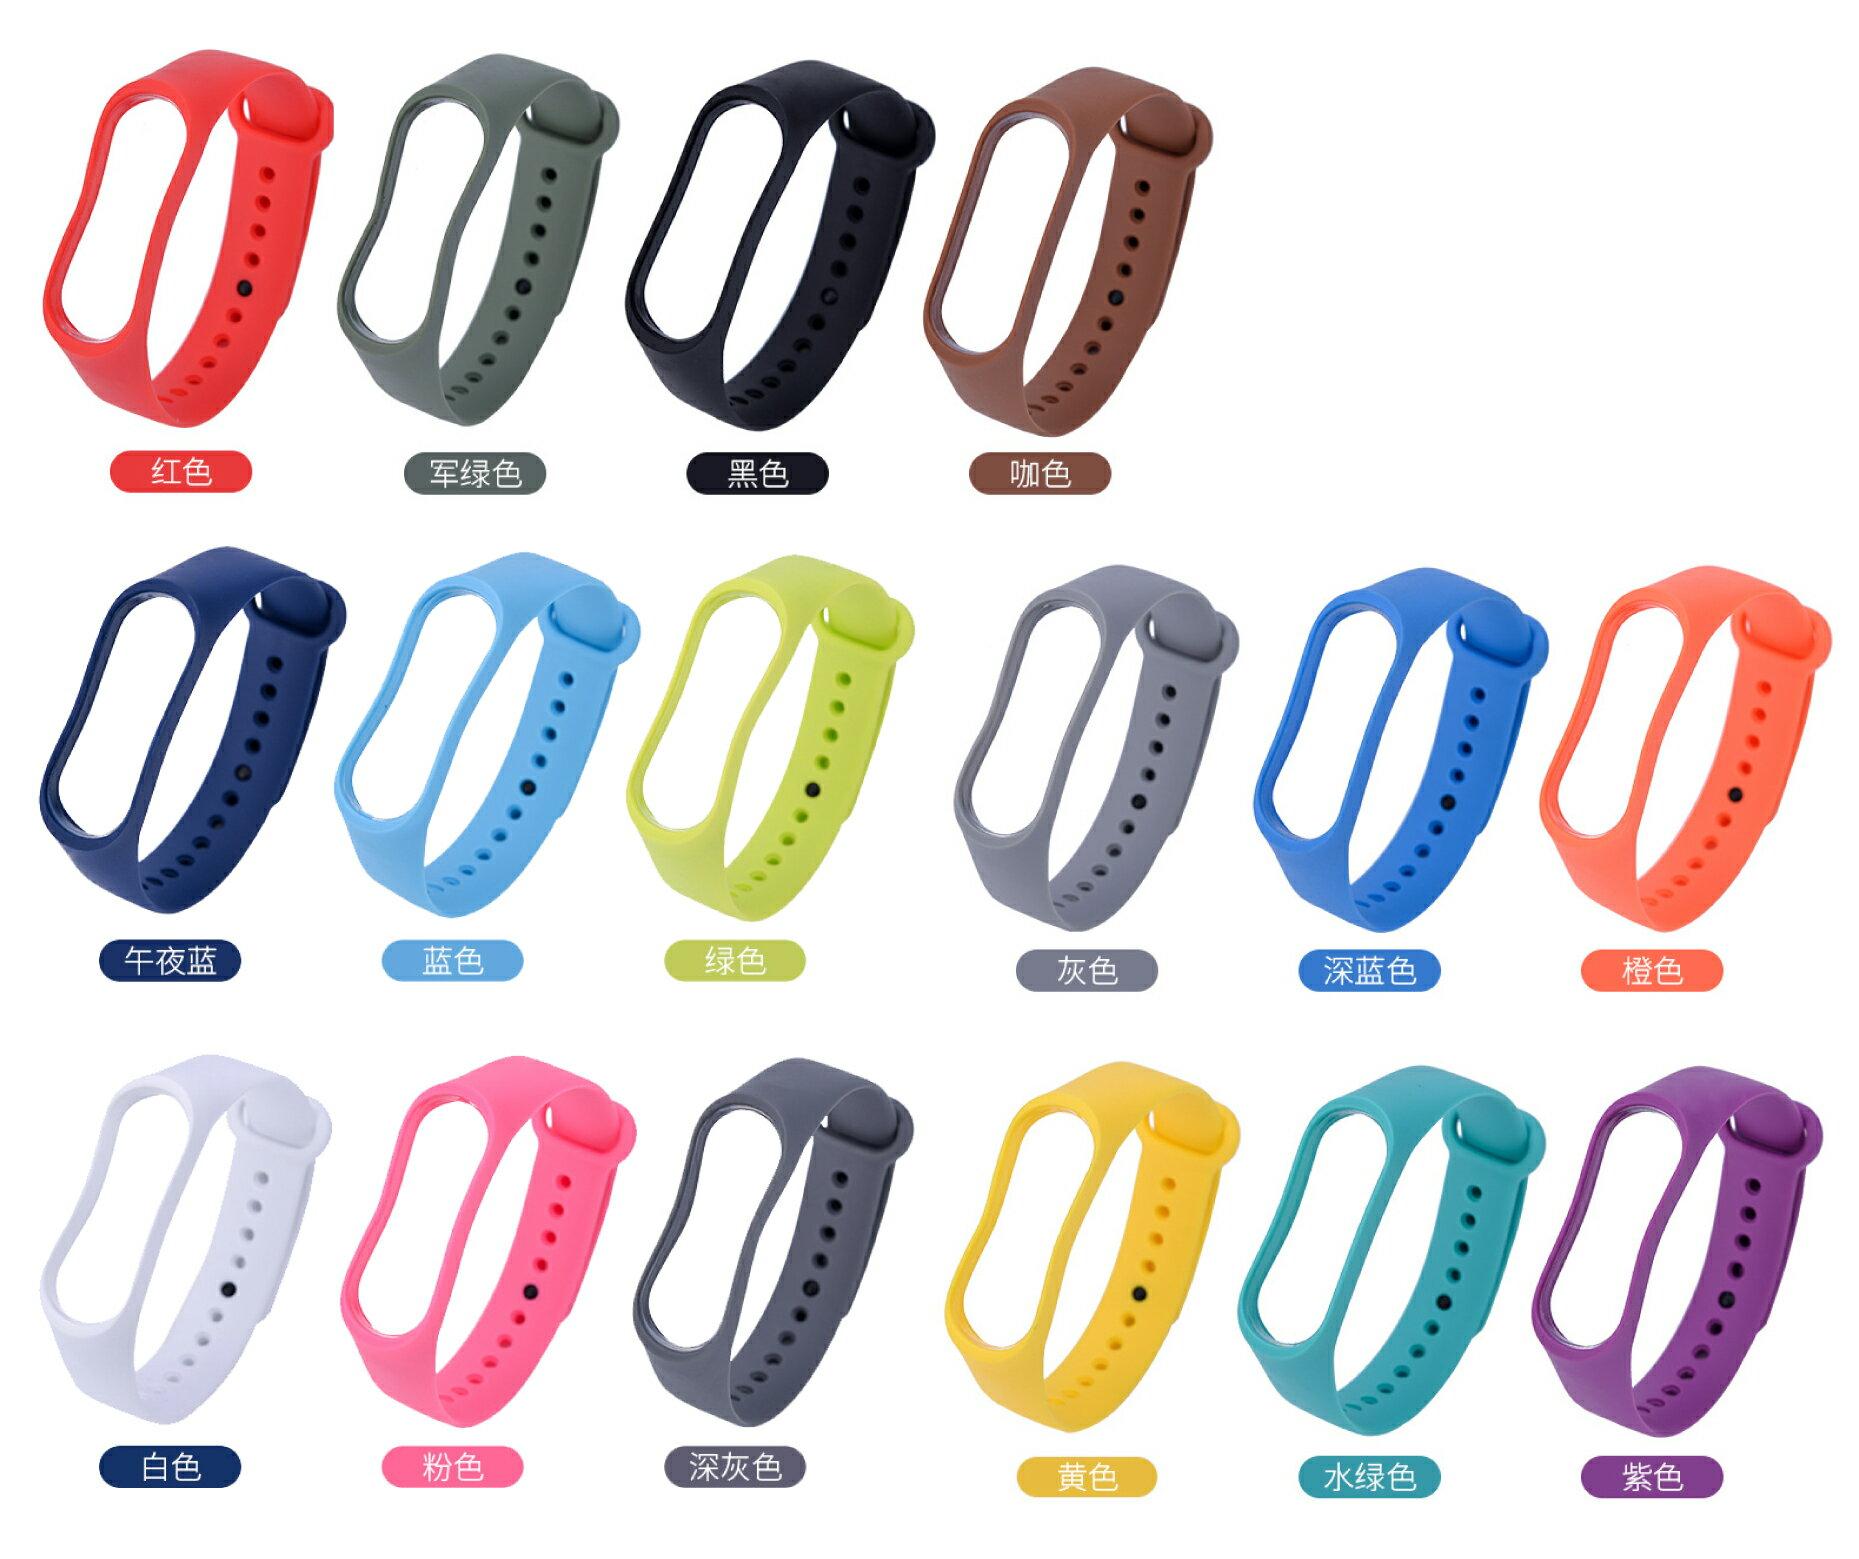 【台灣現貨】小米手環單色腕帶 迷彩腕帶 矽膠替換帶 小米手環4 小米手環3 小米手錶 智慧手錶 智慧手環 運動手環 1